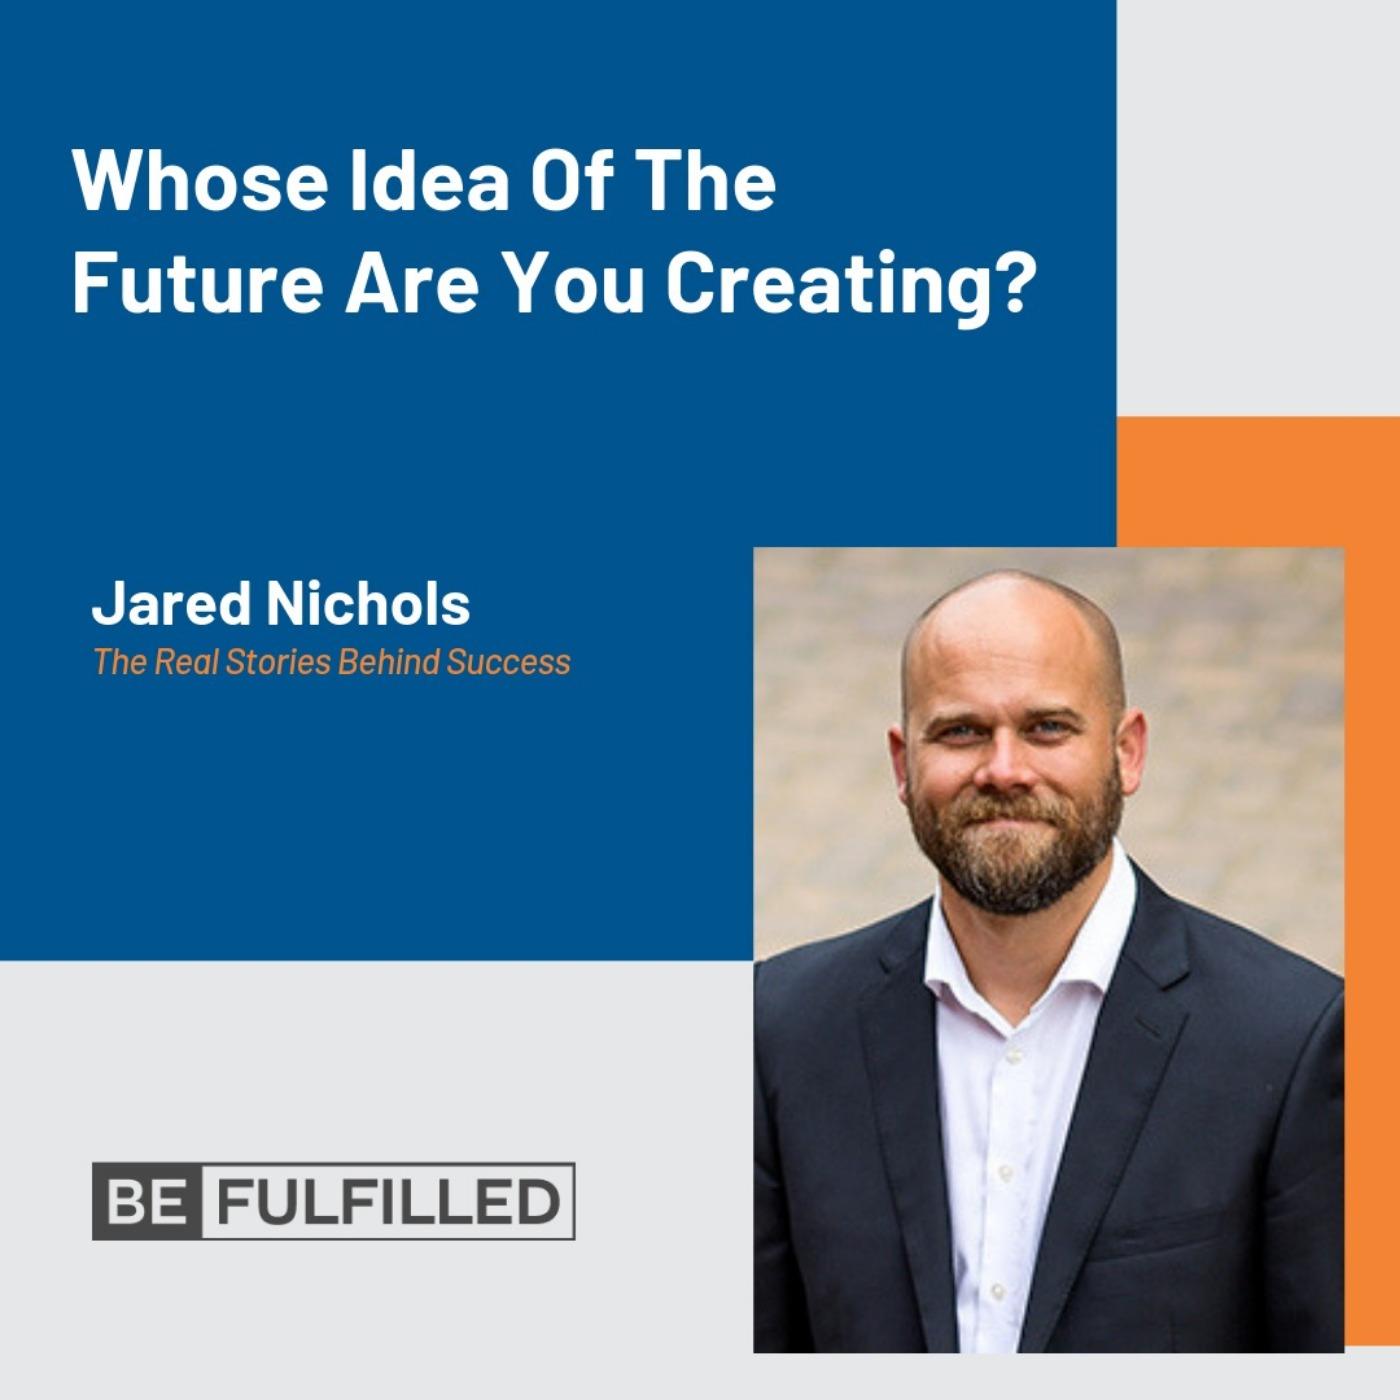 Whose Idea Of The Future Are You Creating? - Jared Nichols